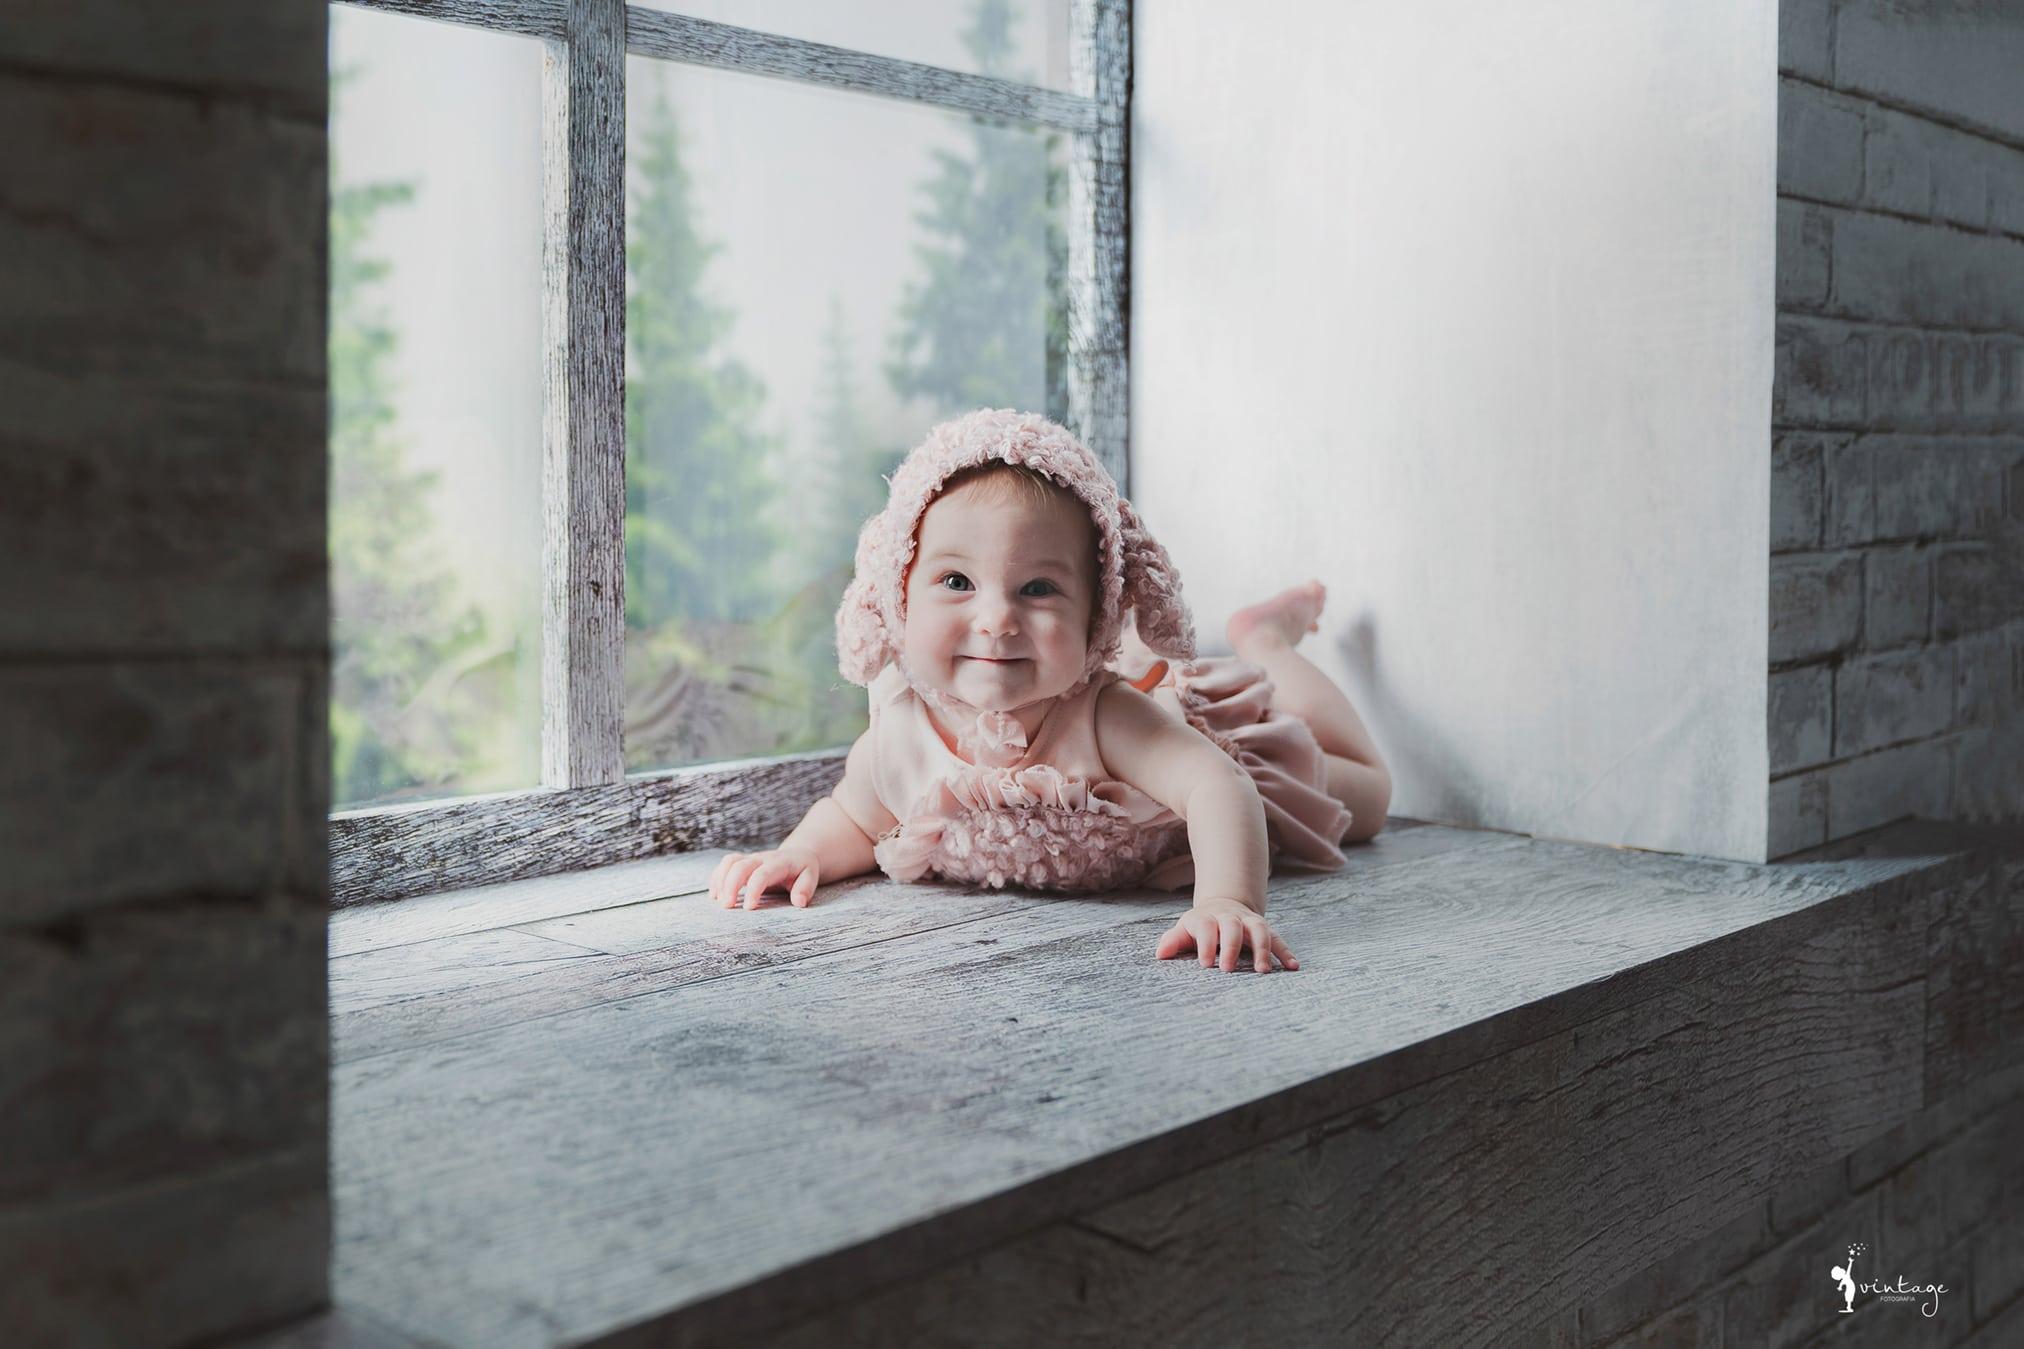 fotografo ninos reportaje fotografico en estudio valencia vintage fotografia toni lara